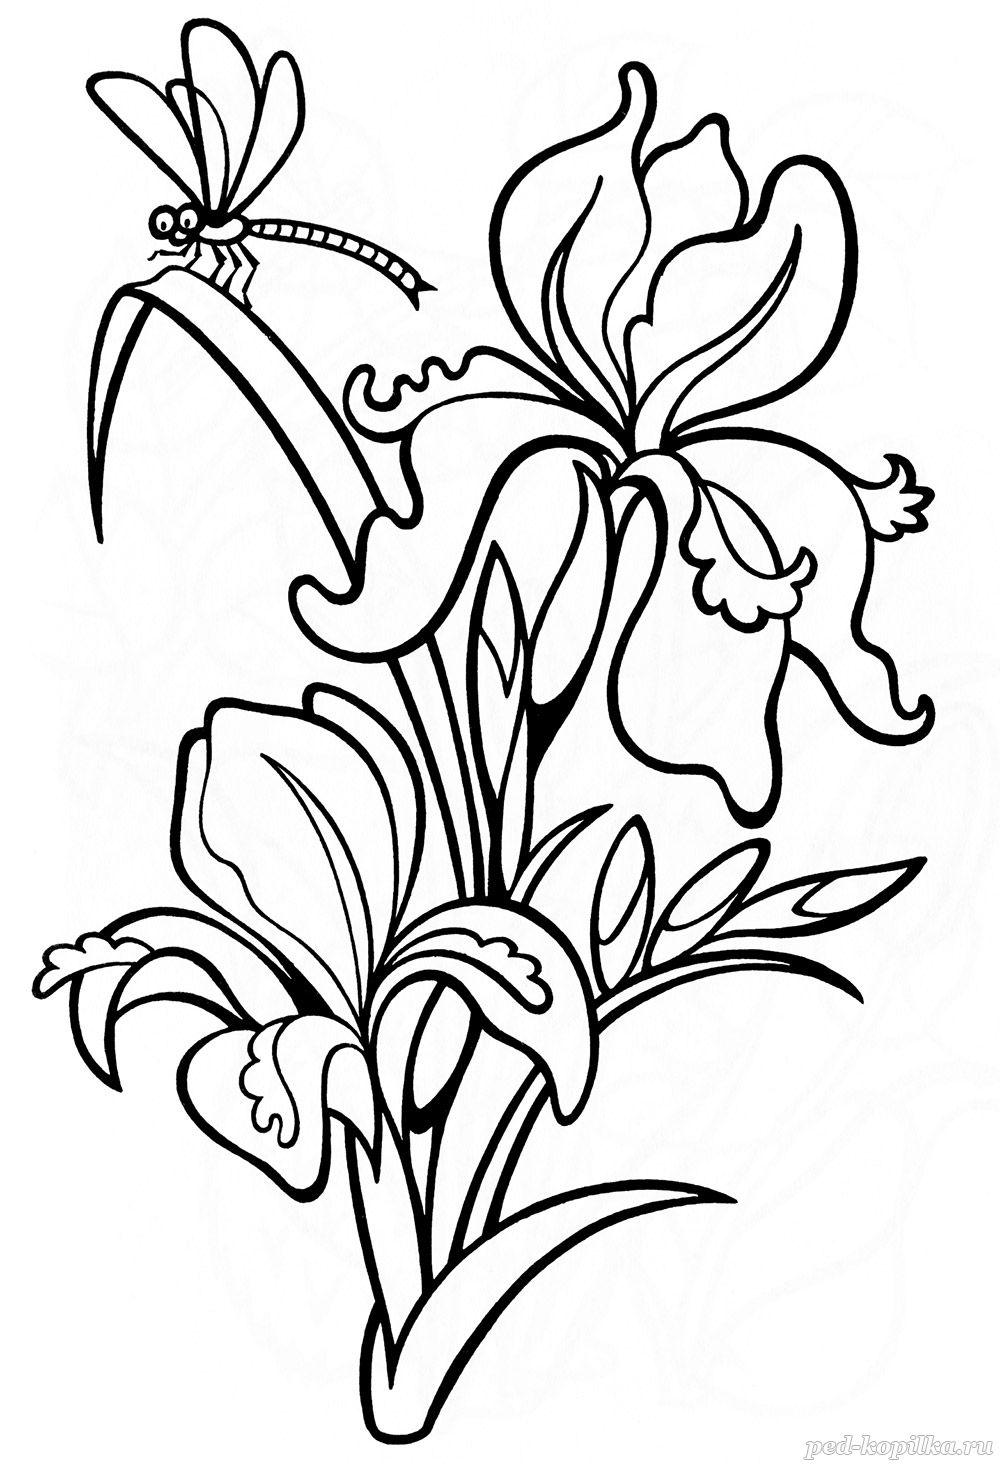 Летние цветы ирисы Раскраски цветов бесплатно